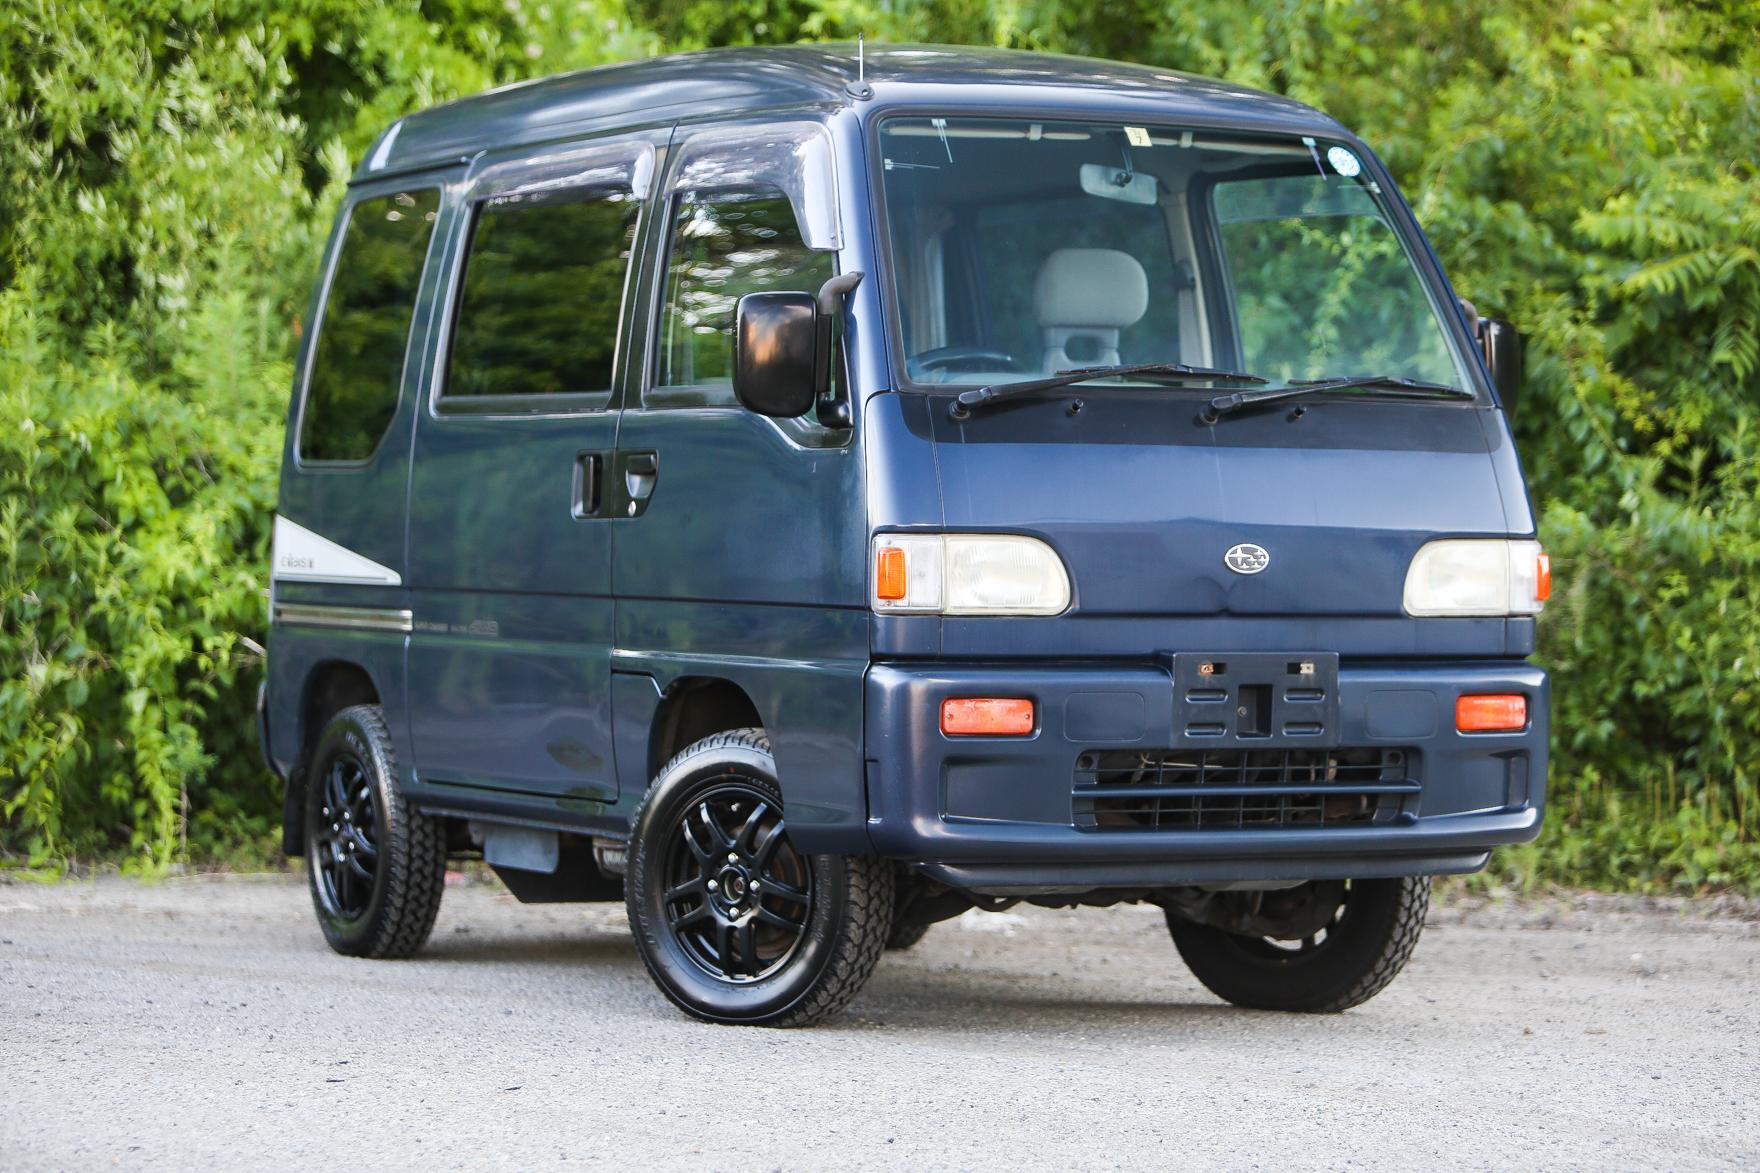 1994 Subaru Sambar Dias II Van Supercharger - SOLD